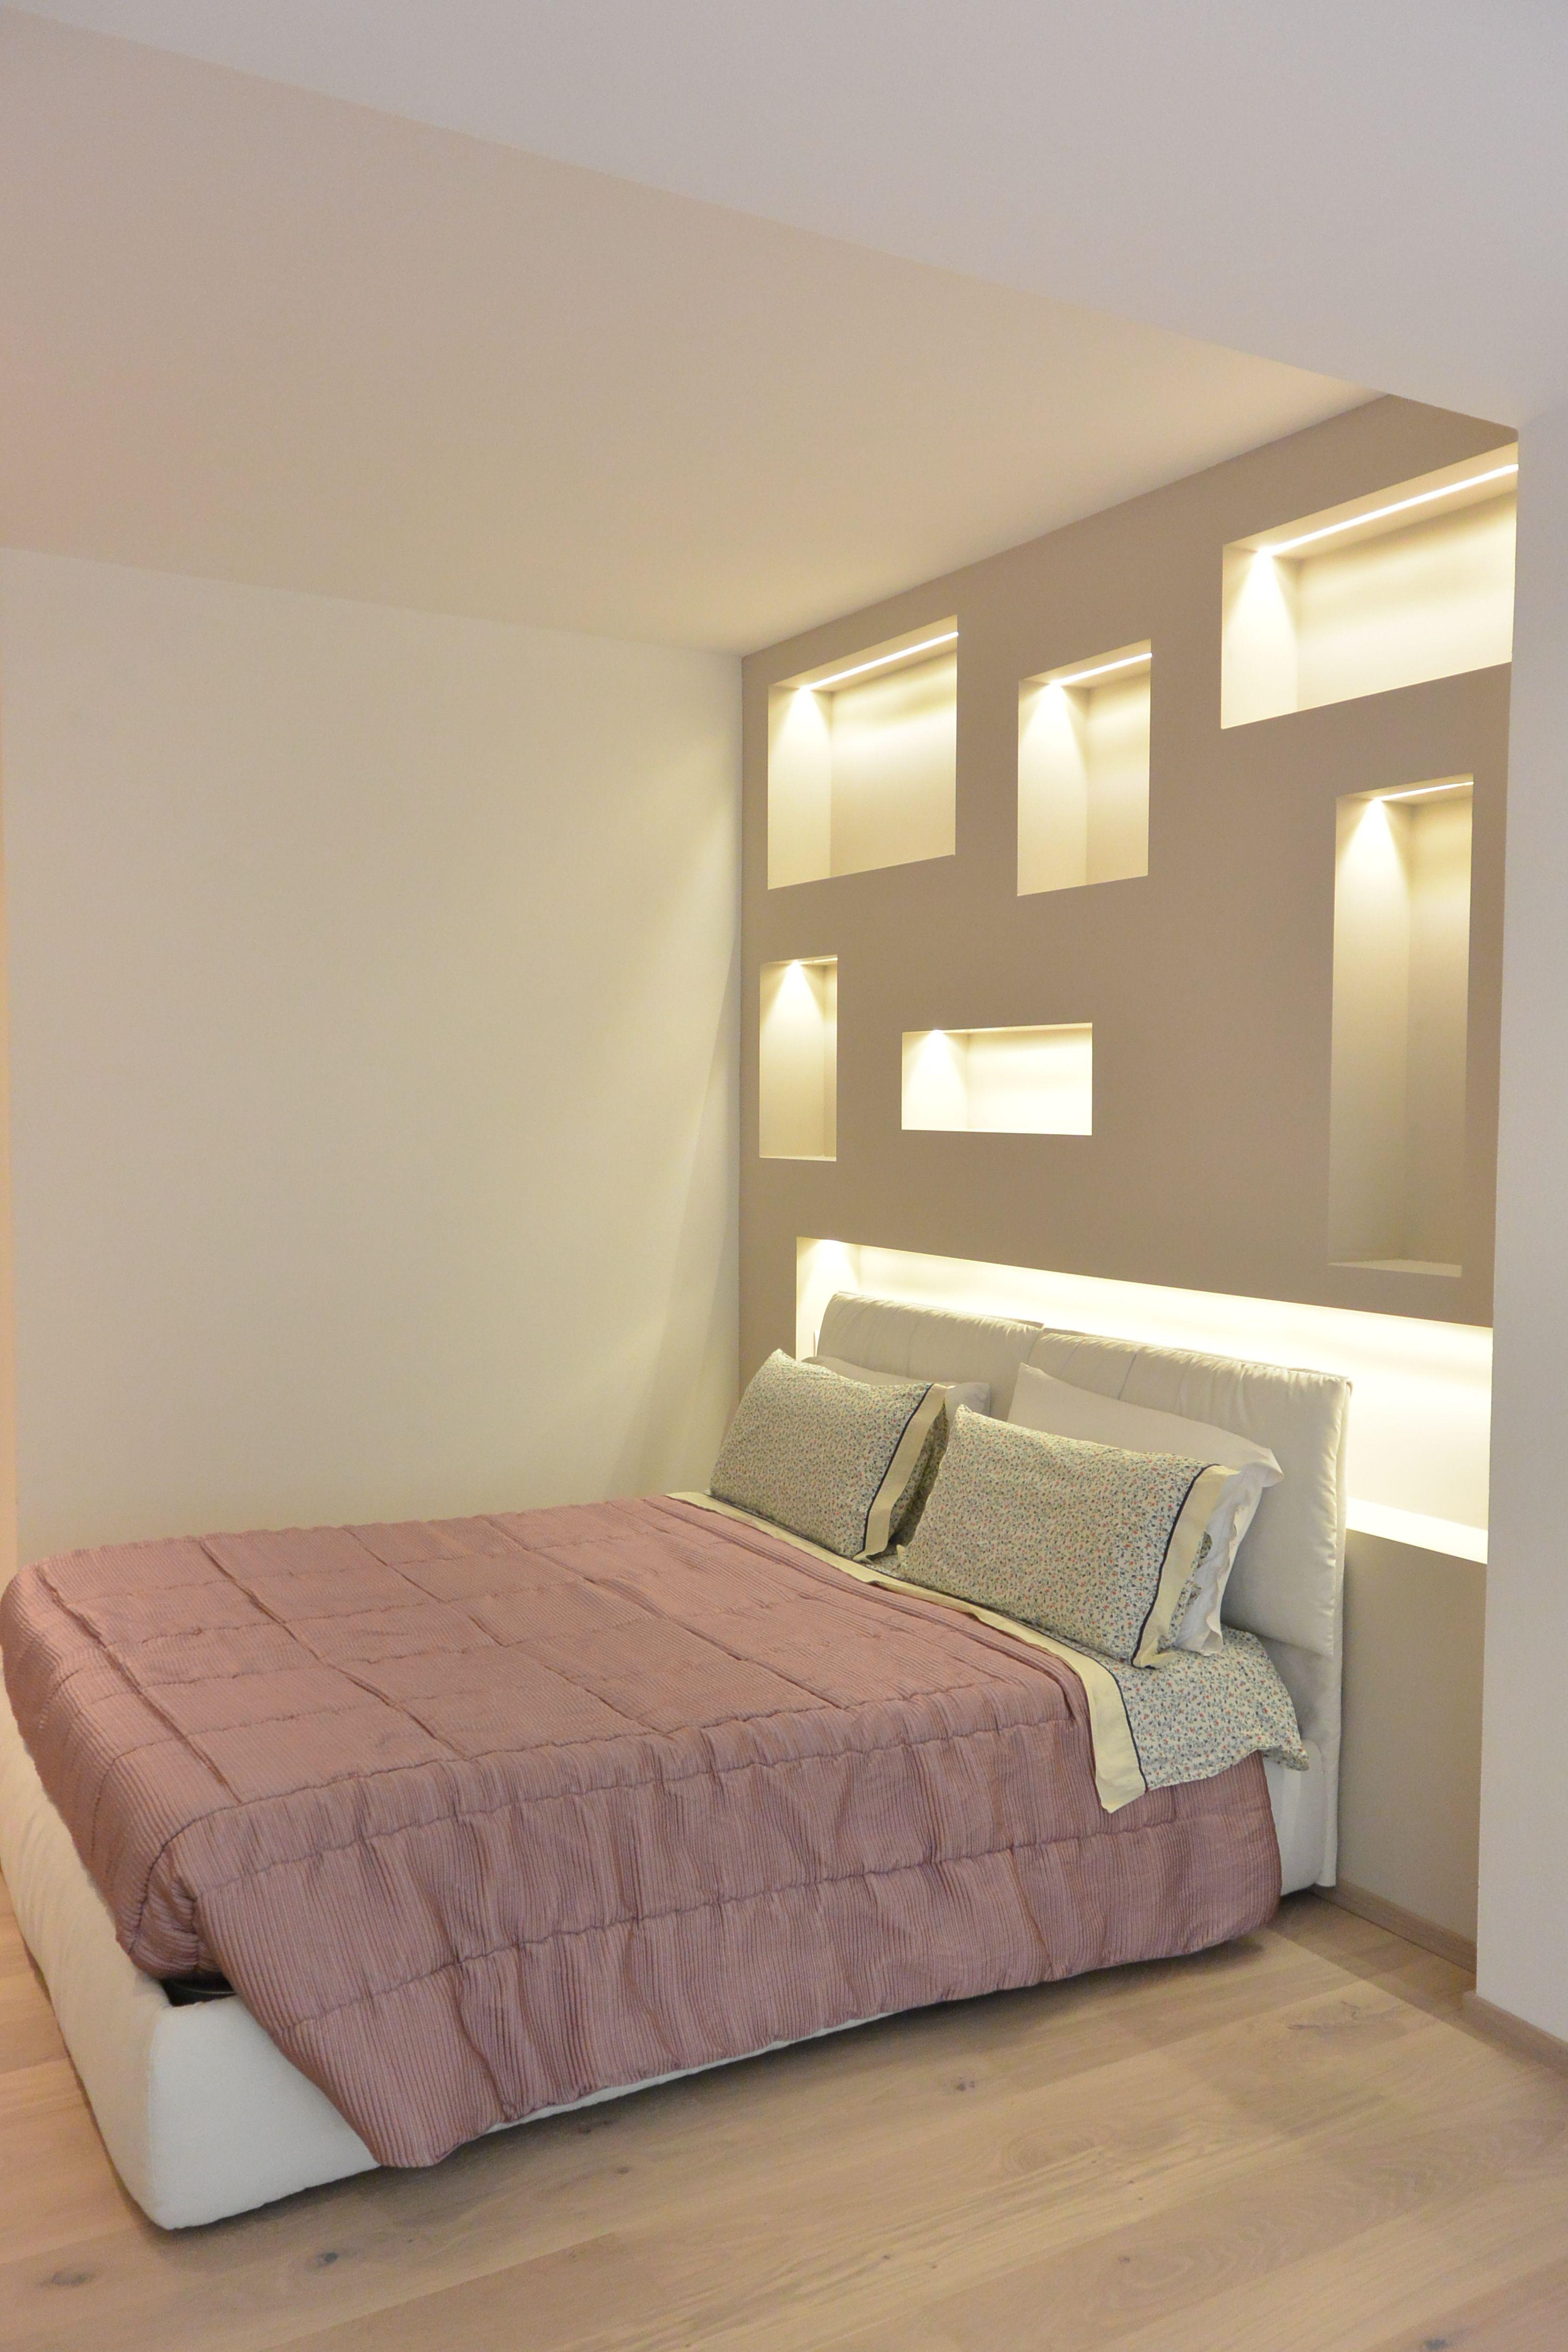 la camera da letto nicchie in cartongesso con luci led